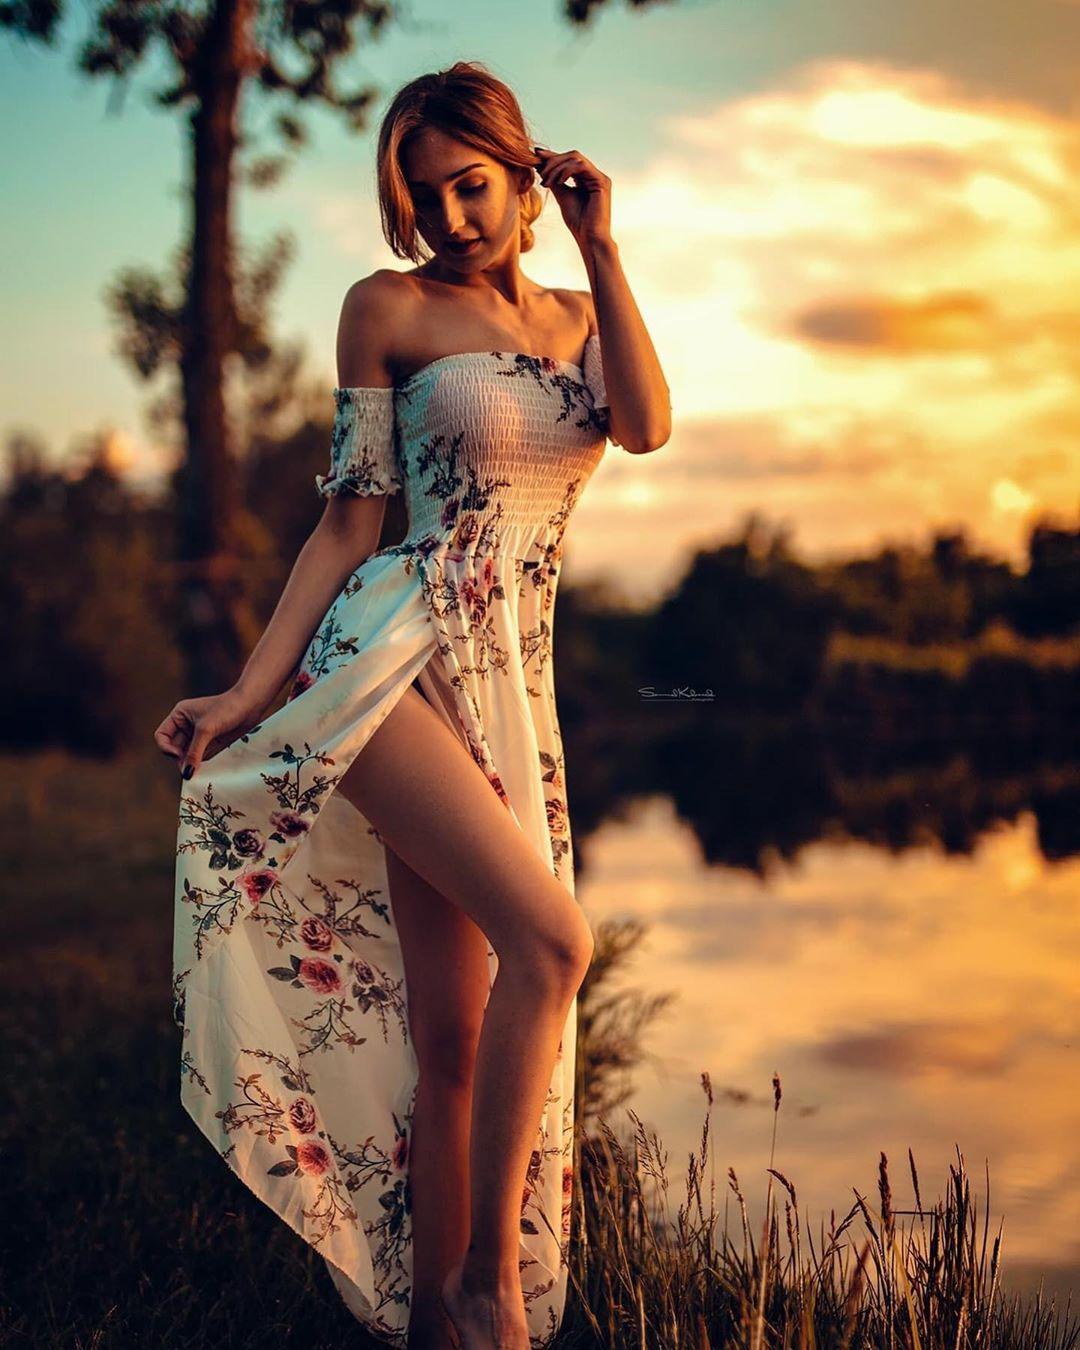 """Klaudia on Instagram: """"sunset... 🌅☀️📸💋  ⠀  #sunset #photoshoot #style #photooftheday #session #me #polishgirl #girl #blonde #blondegirl #instagirl #instaphoto…"""""""